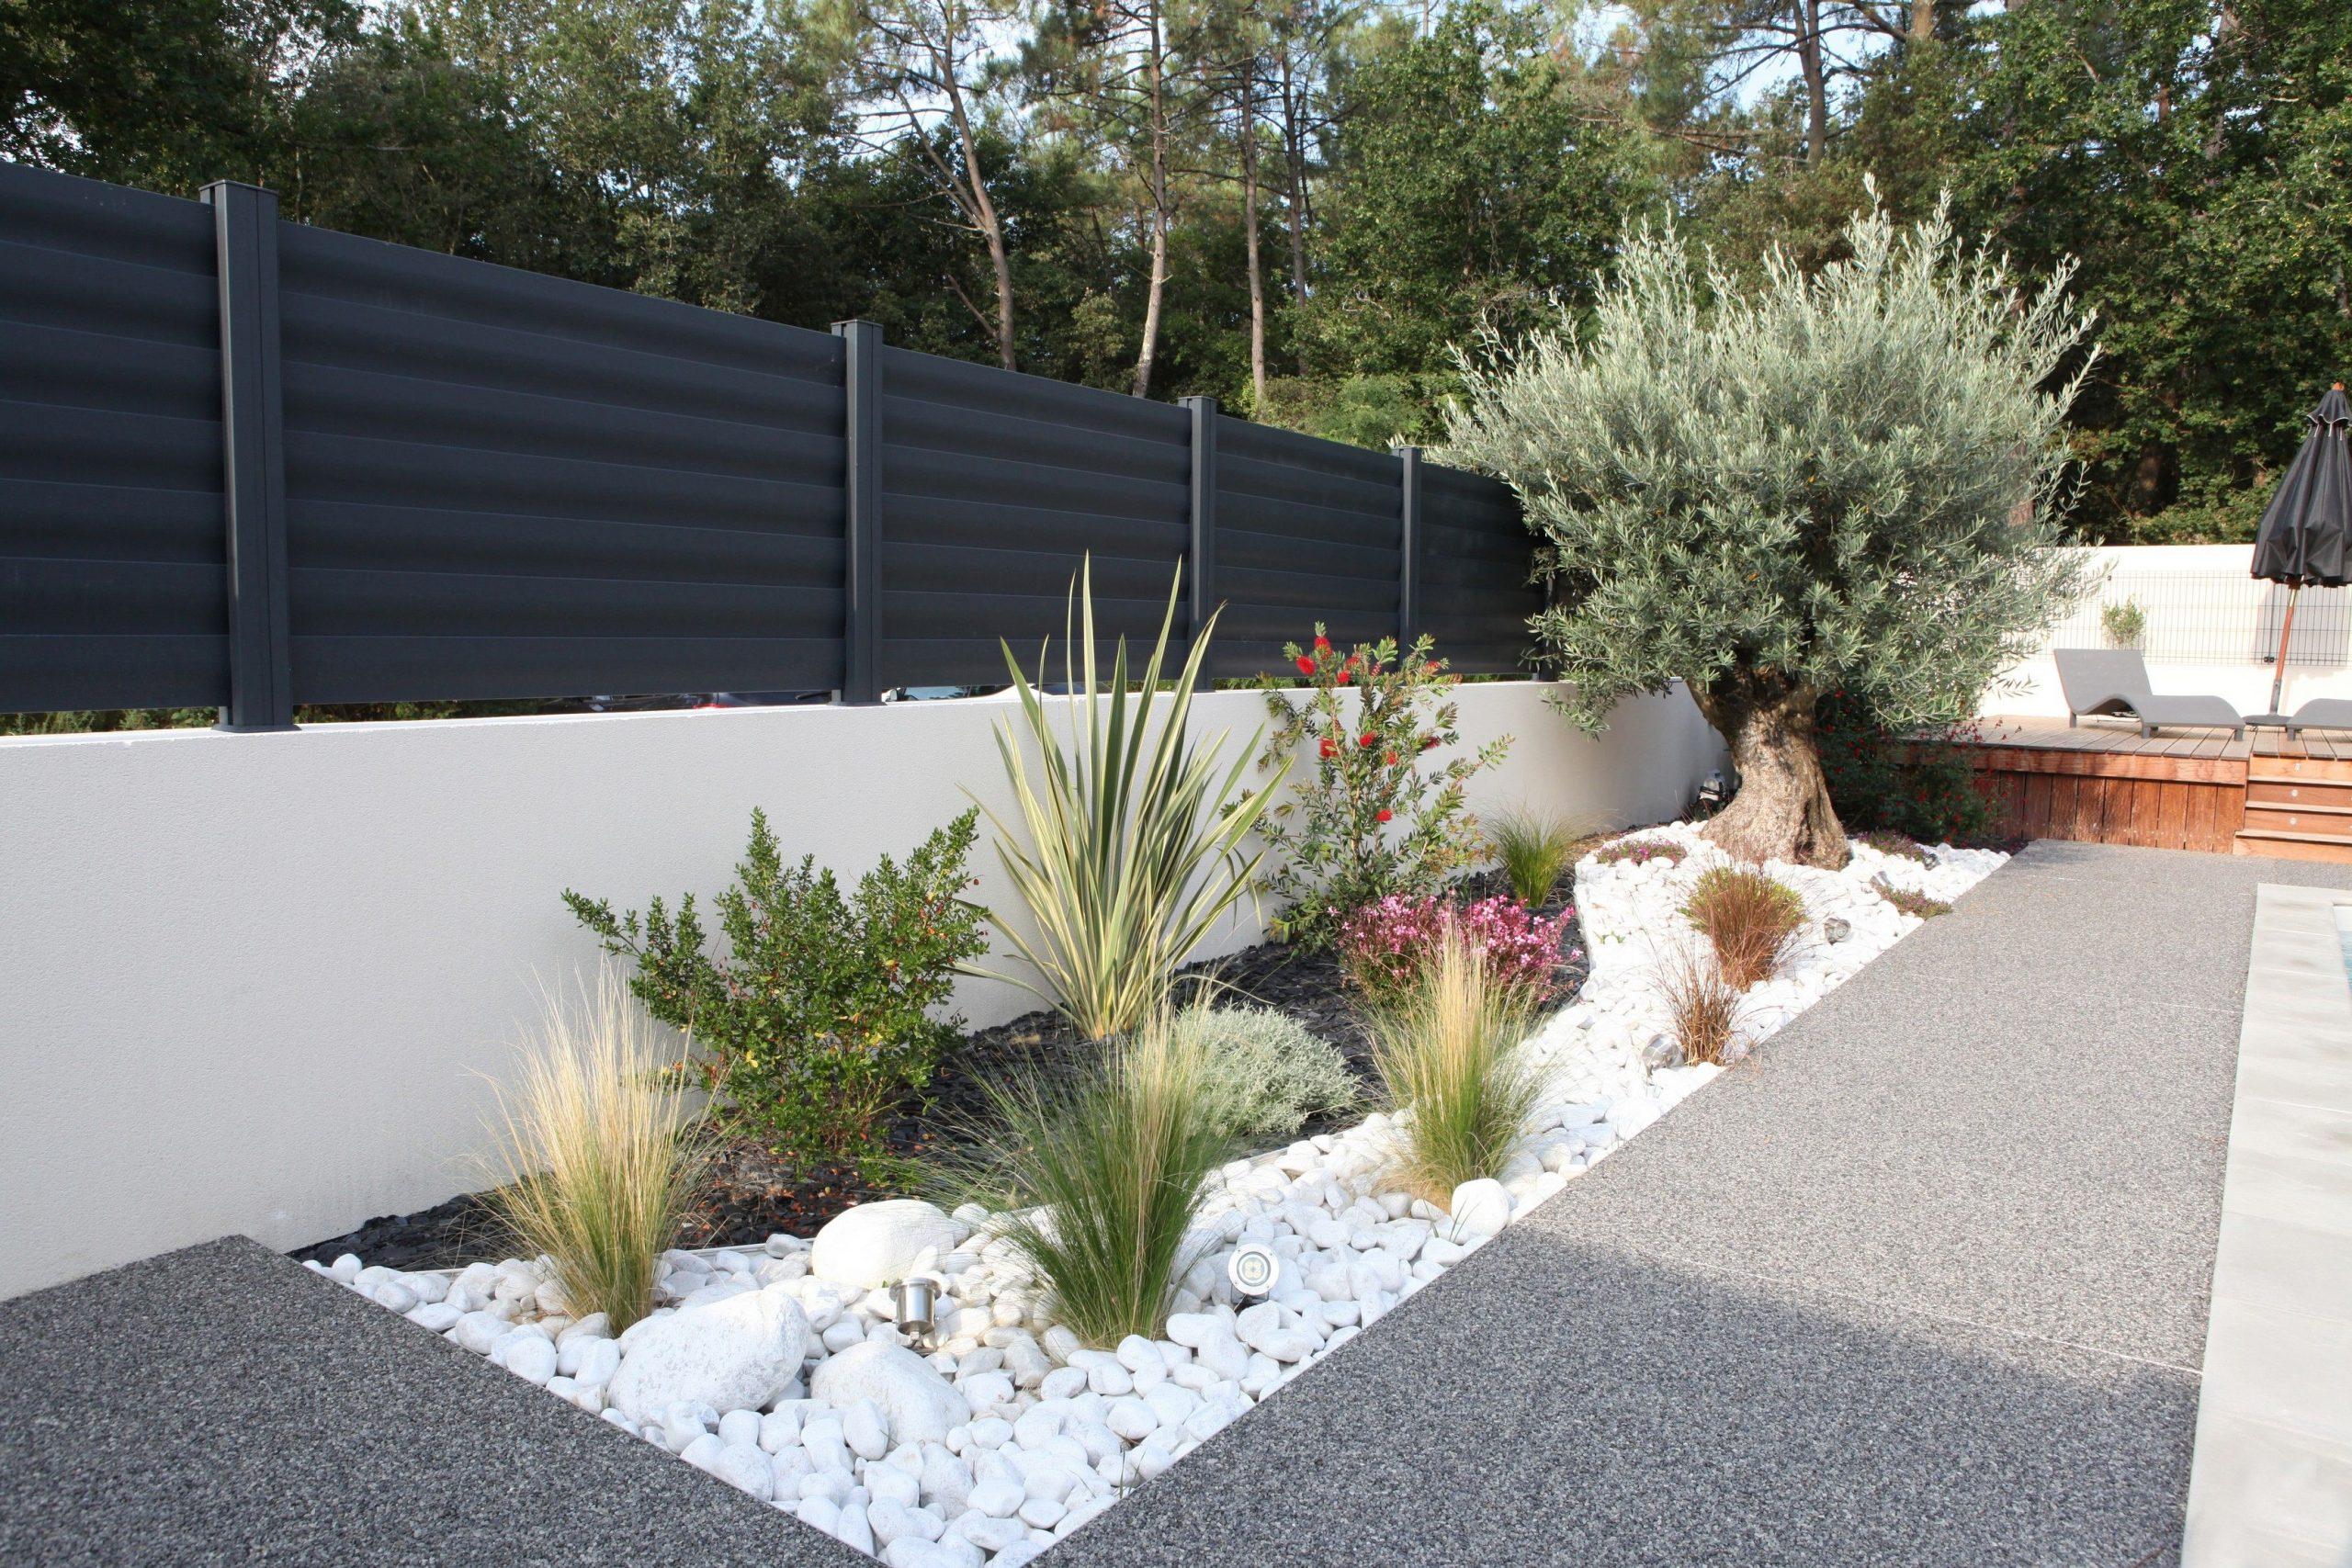 Clôtures Aluminium Modèle Brise Vue #menuiserie #cloturel ... intérieur Cloturer Un Jardin